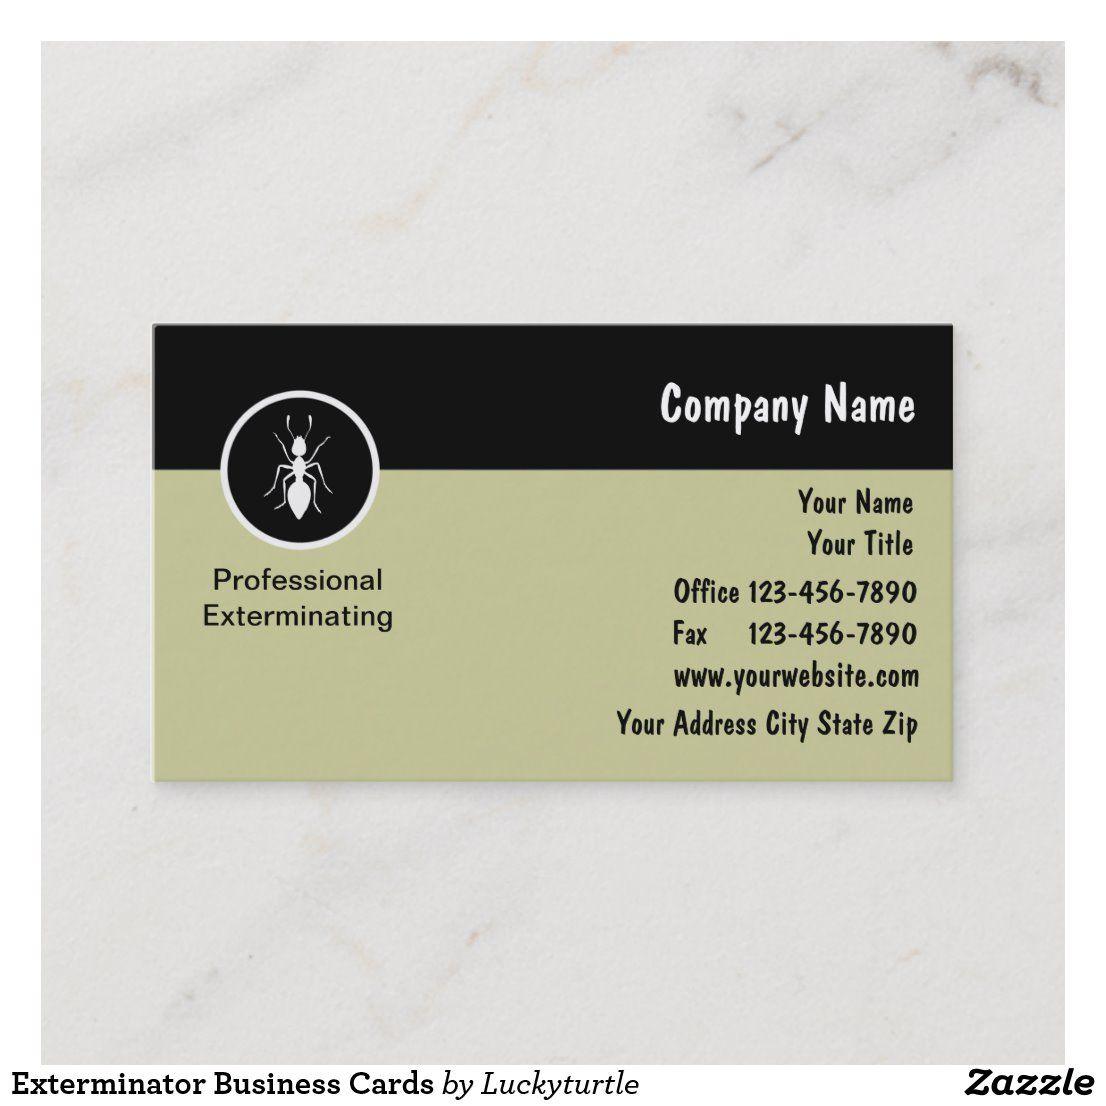 Exterminator Business Cards Zazzle Com Exterminator Personal Business Cards Business Cards